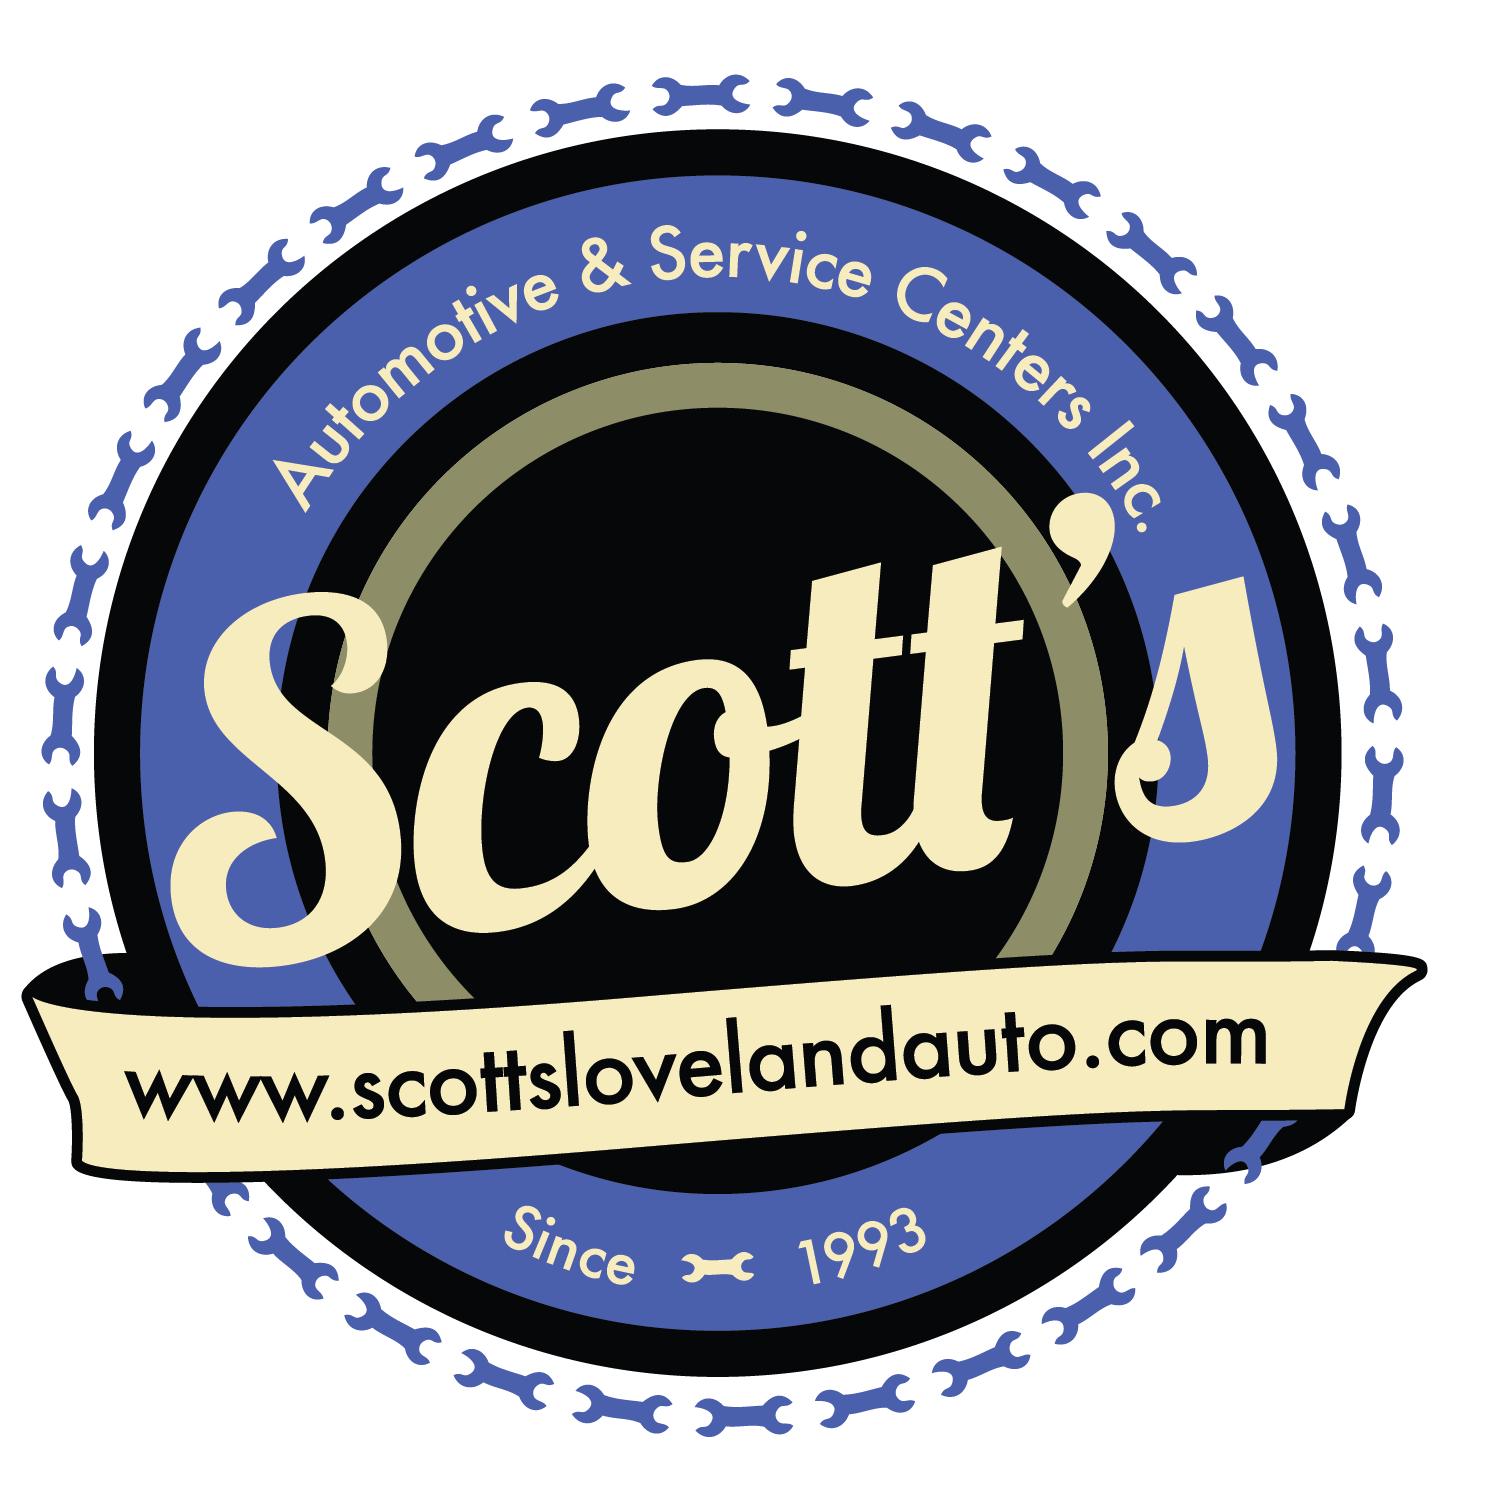 Scott's Loveland Auto